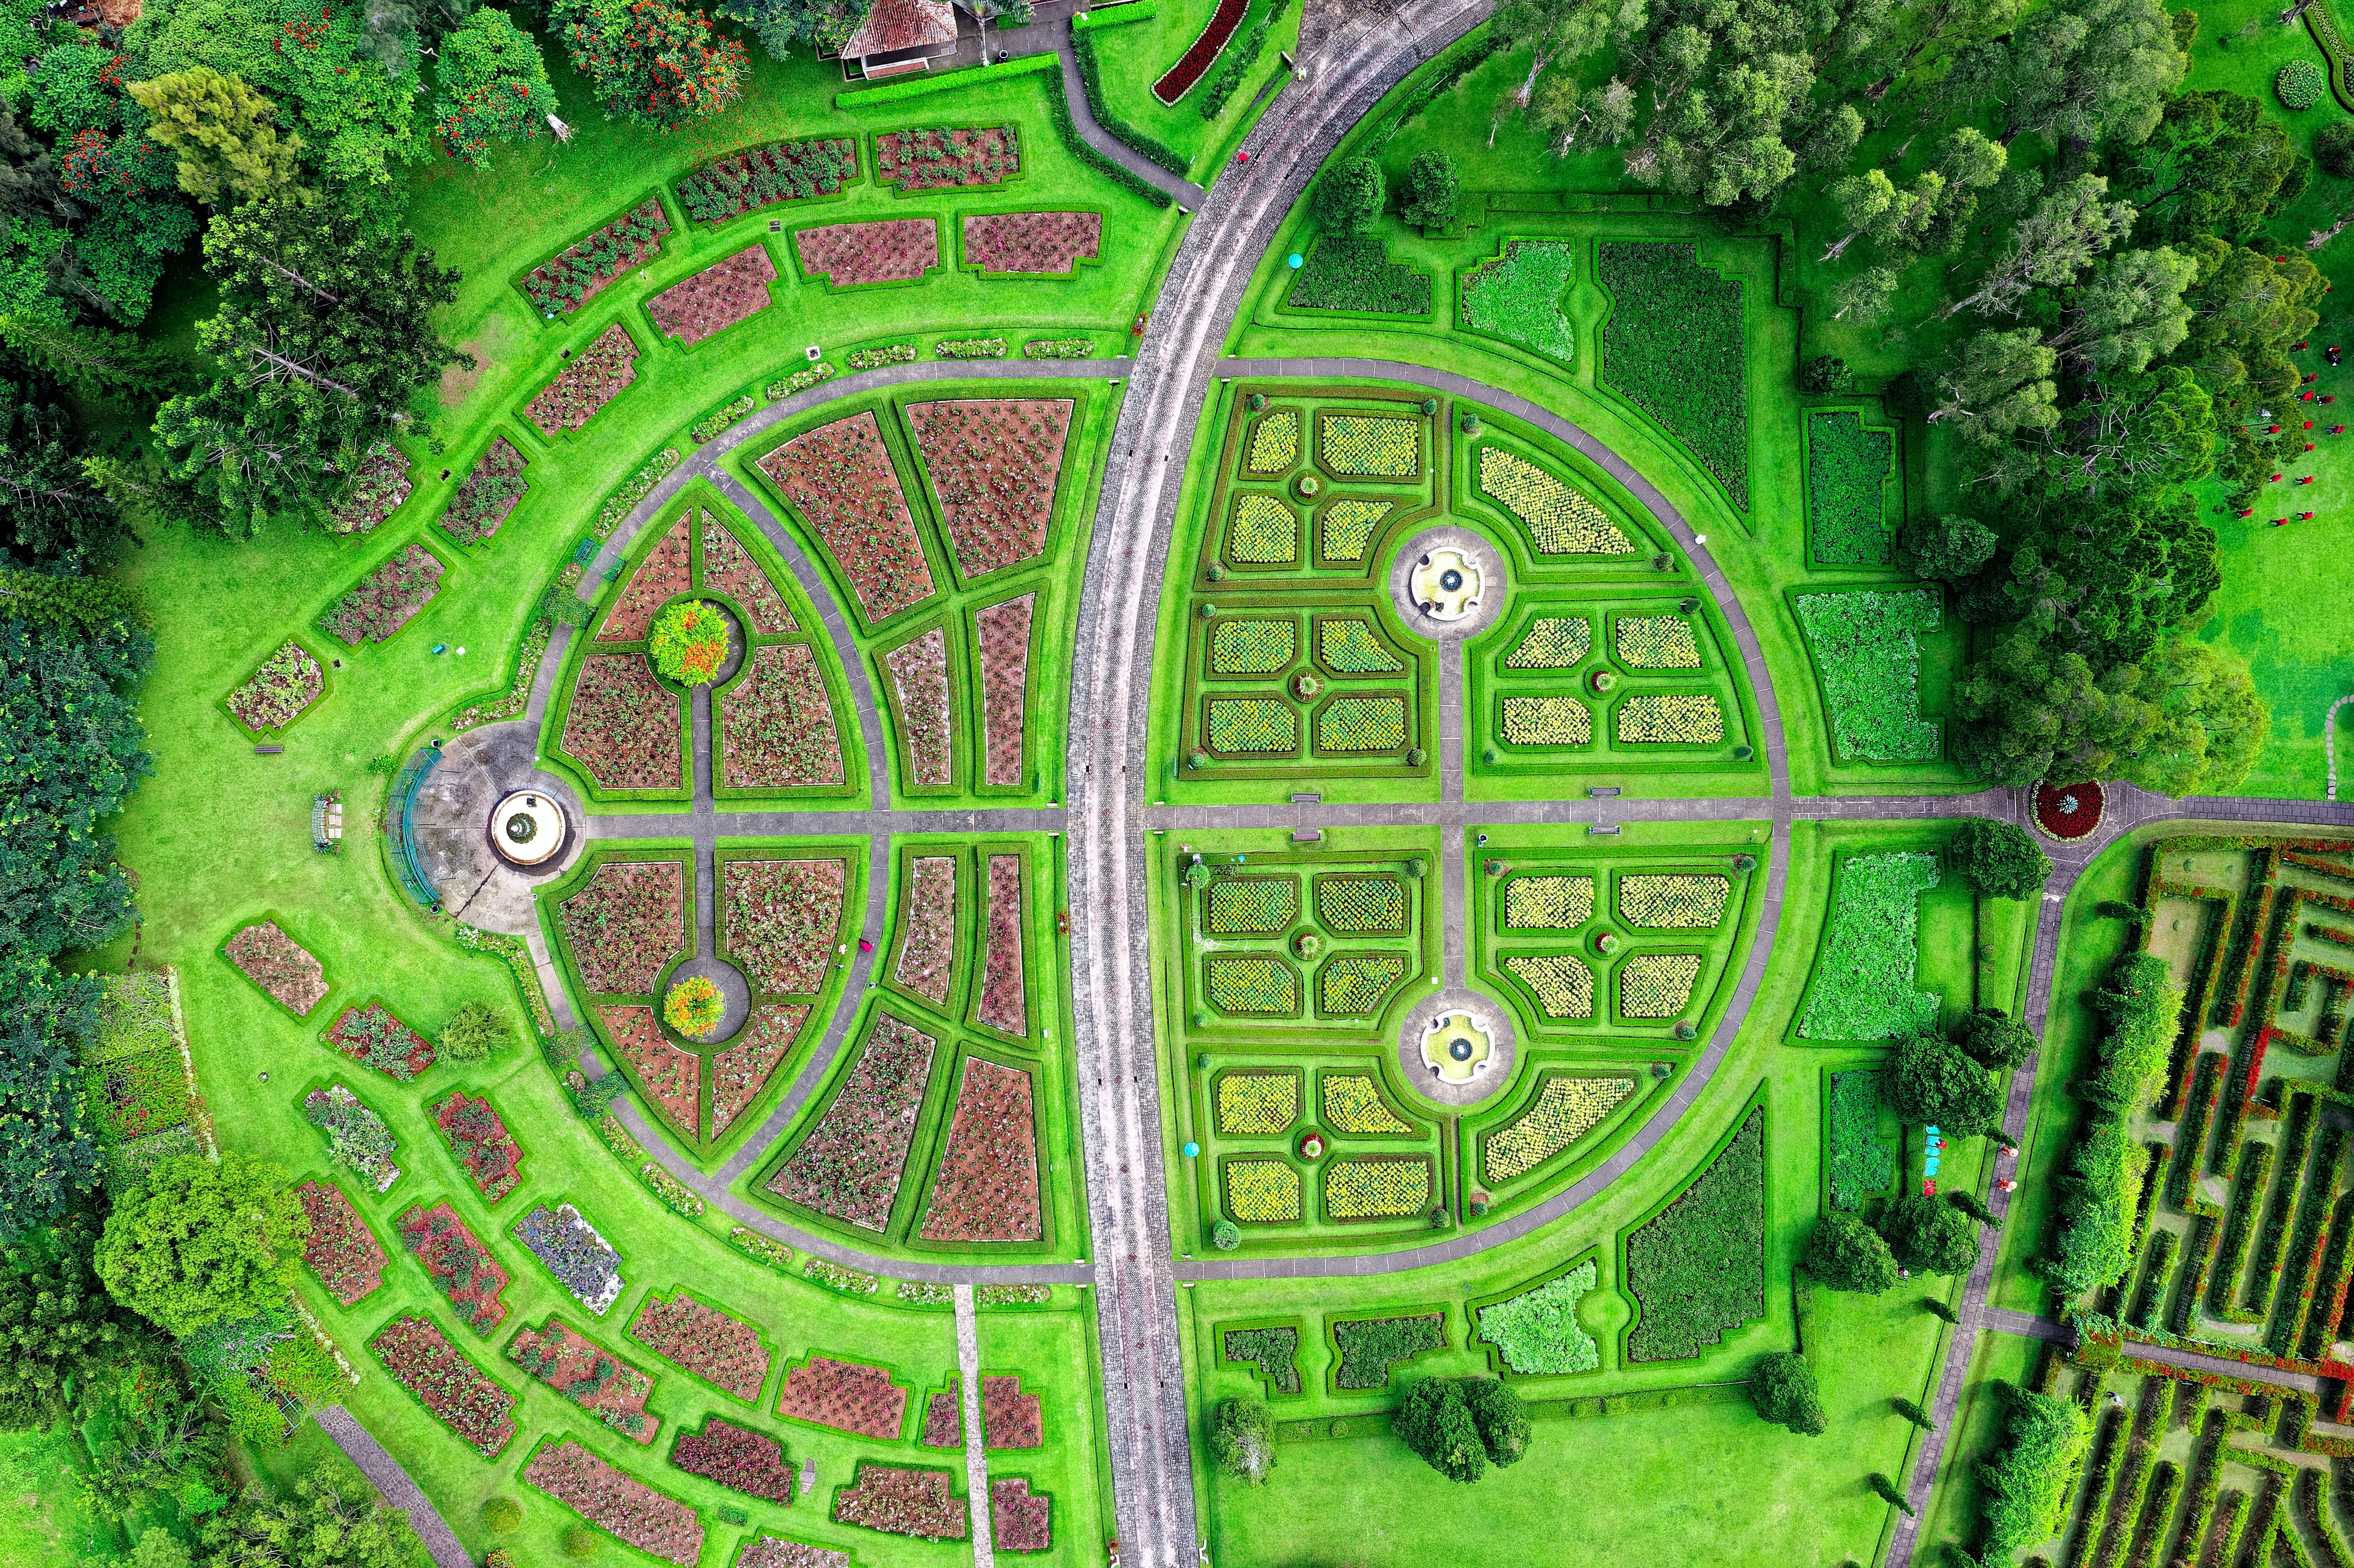 Aerial View of Maze Garden